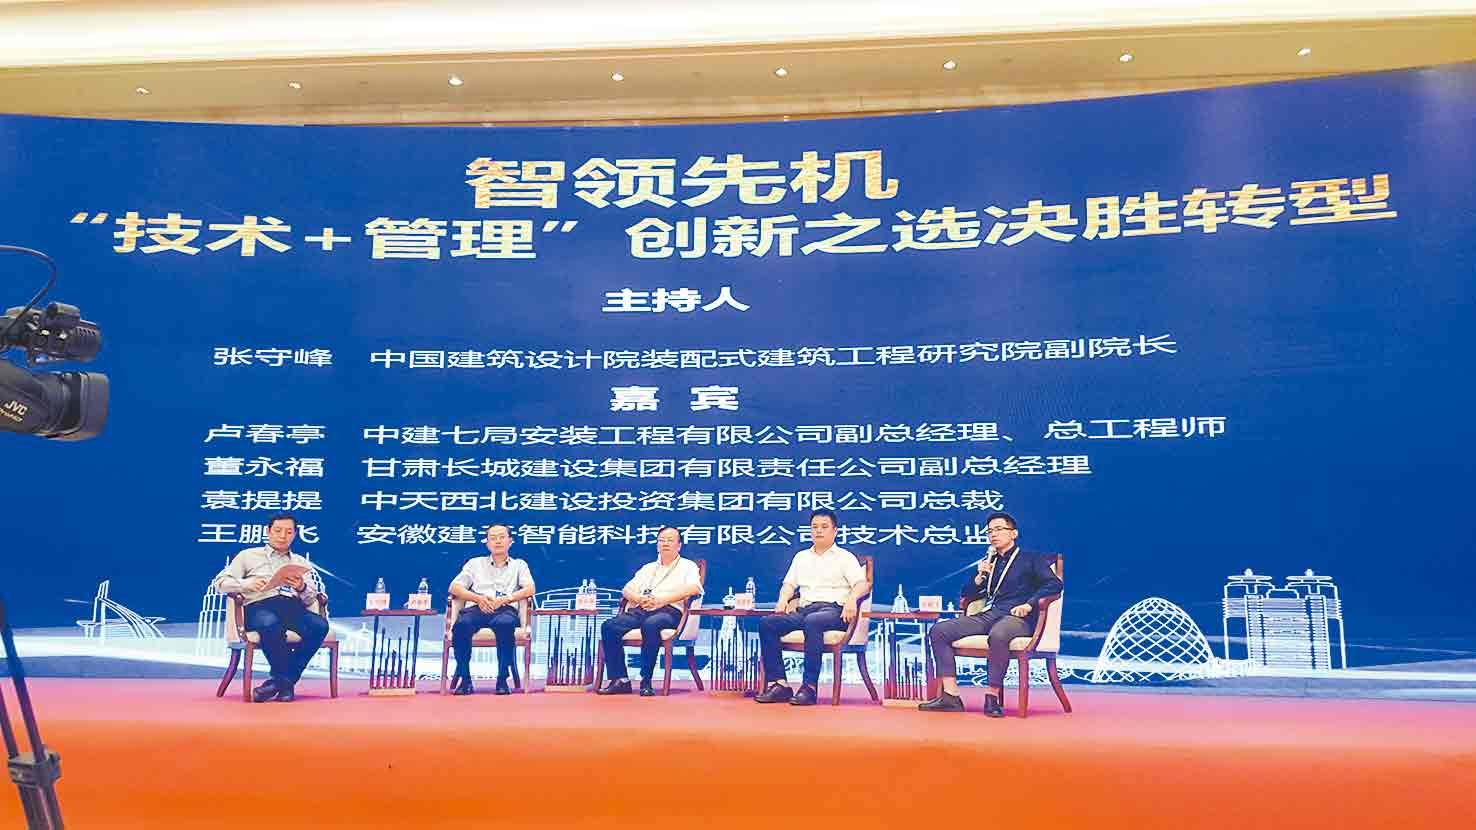 """第十七届中国建筑企业高峰论坛高层对话之智领先机:""""技术+管理""""创新之选决胜转型"""